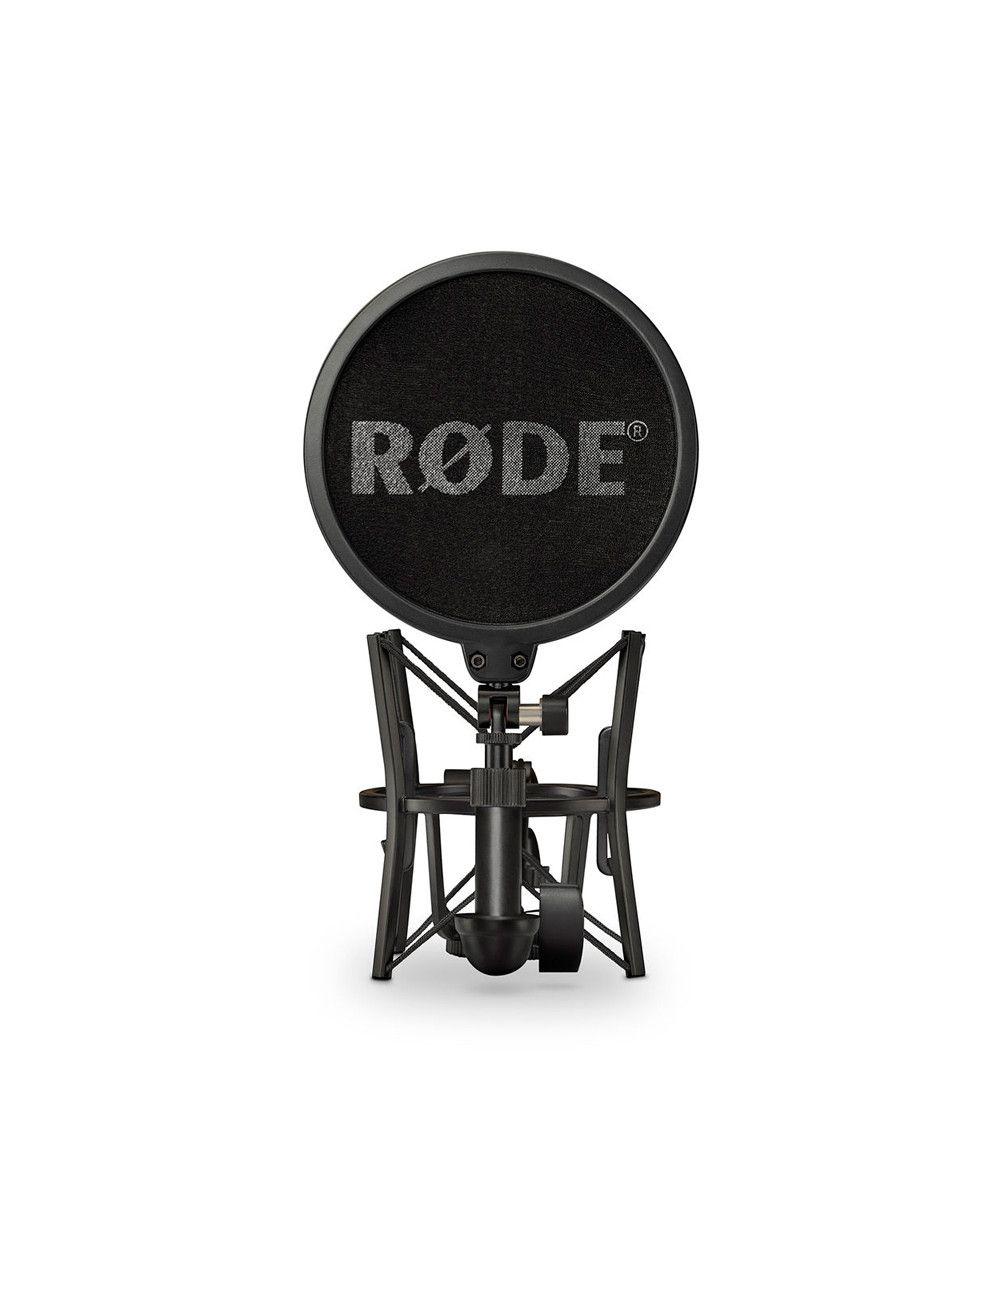 RØDE VIDEOMICRO – MICROFONO COMPACTO PARA CÁMARAS RODE